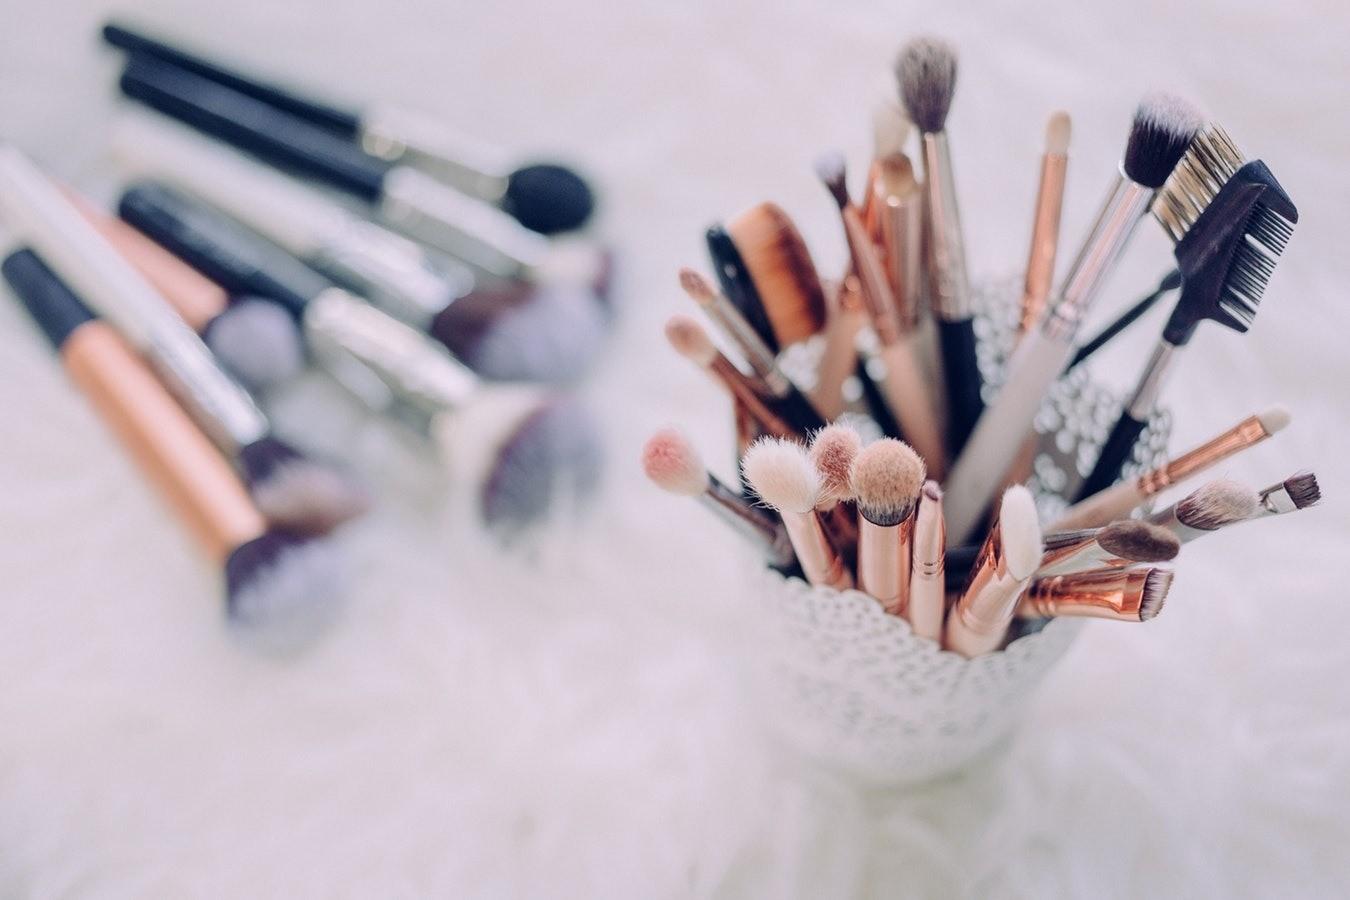 Тест: смогла бы ты стать бьюти-блогером?